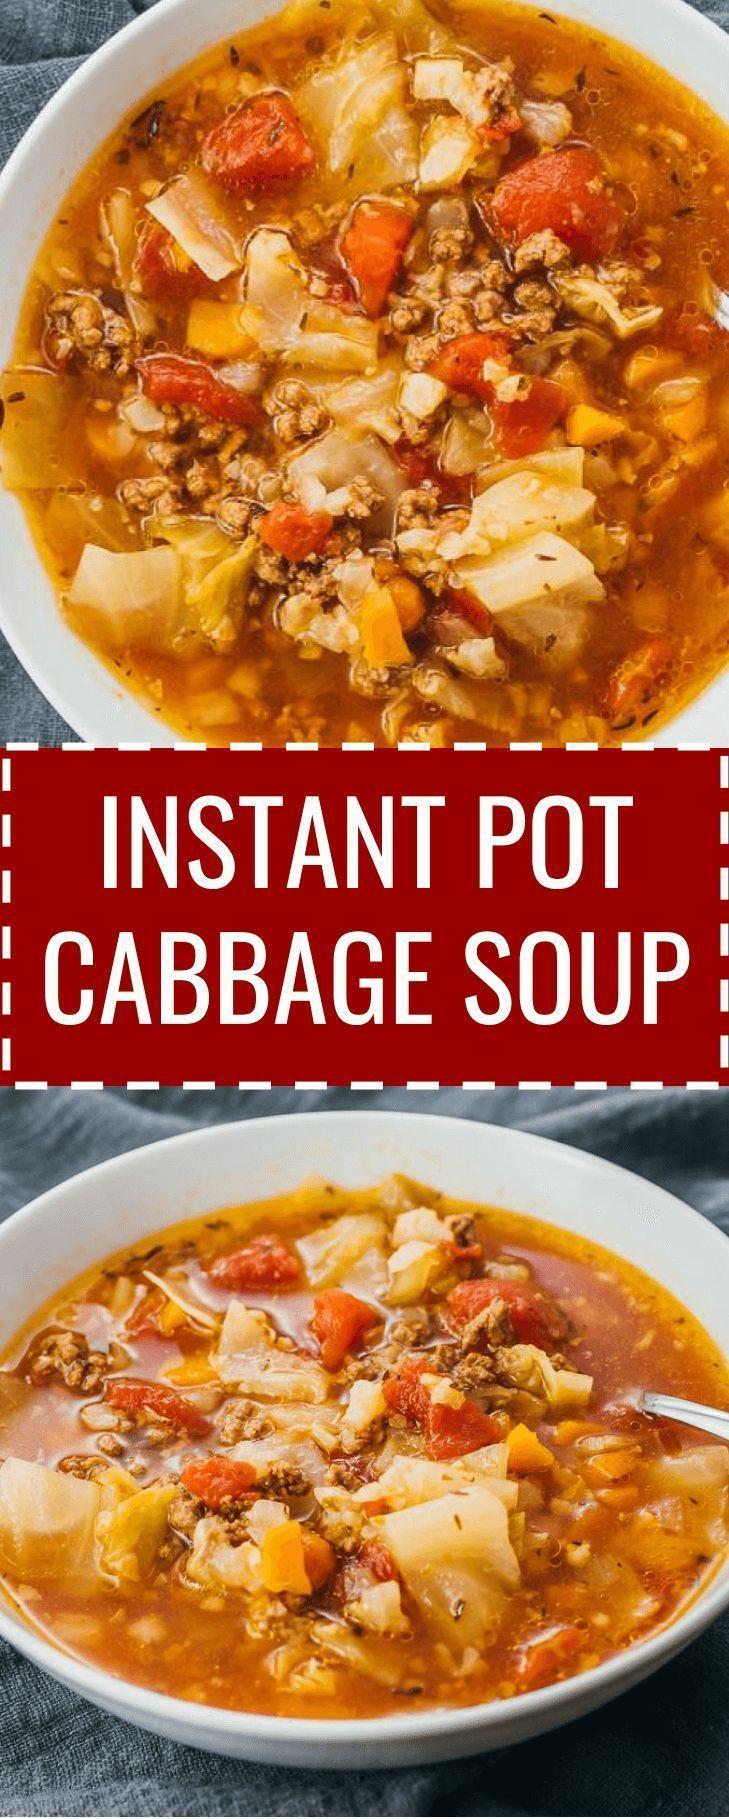 Dieses herzhafte Instant Pot Kohlsuppenrezept mit Rinderhackfleisch ist ideal für …